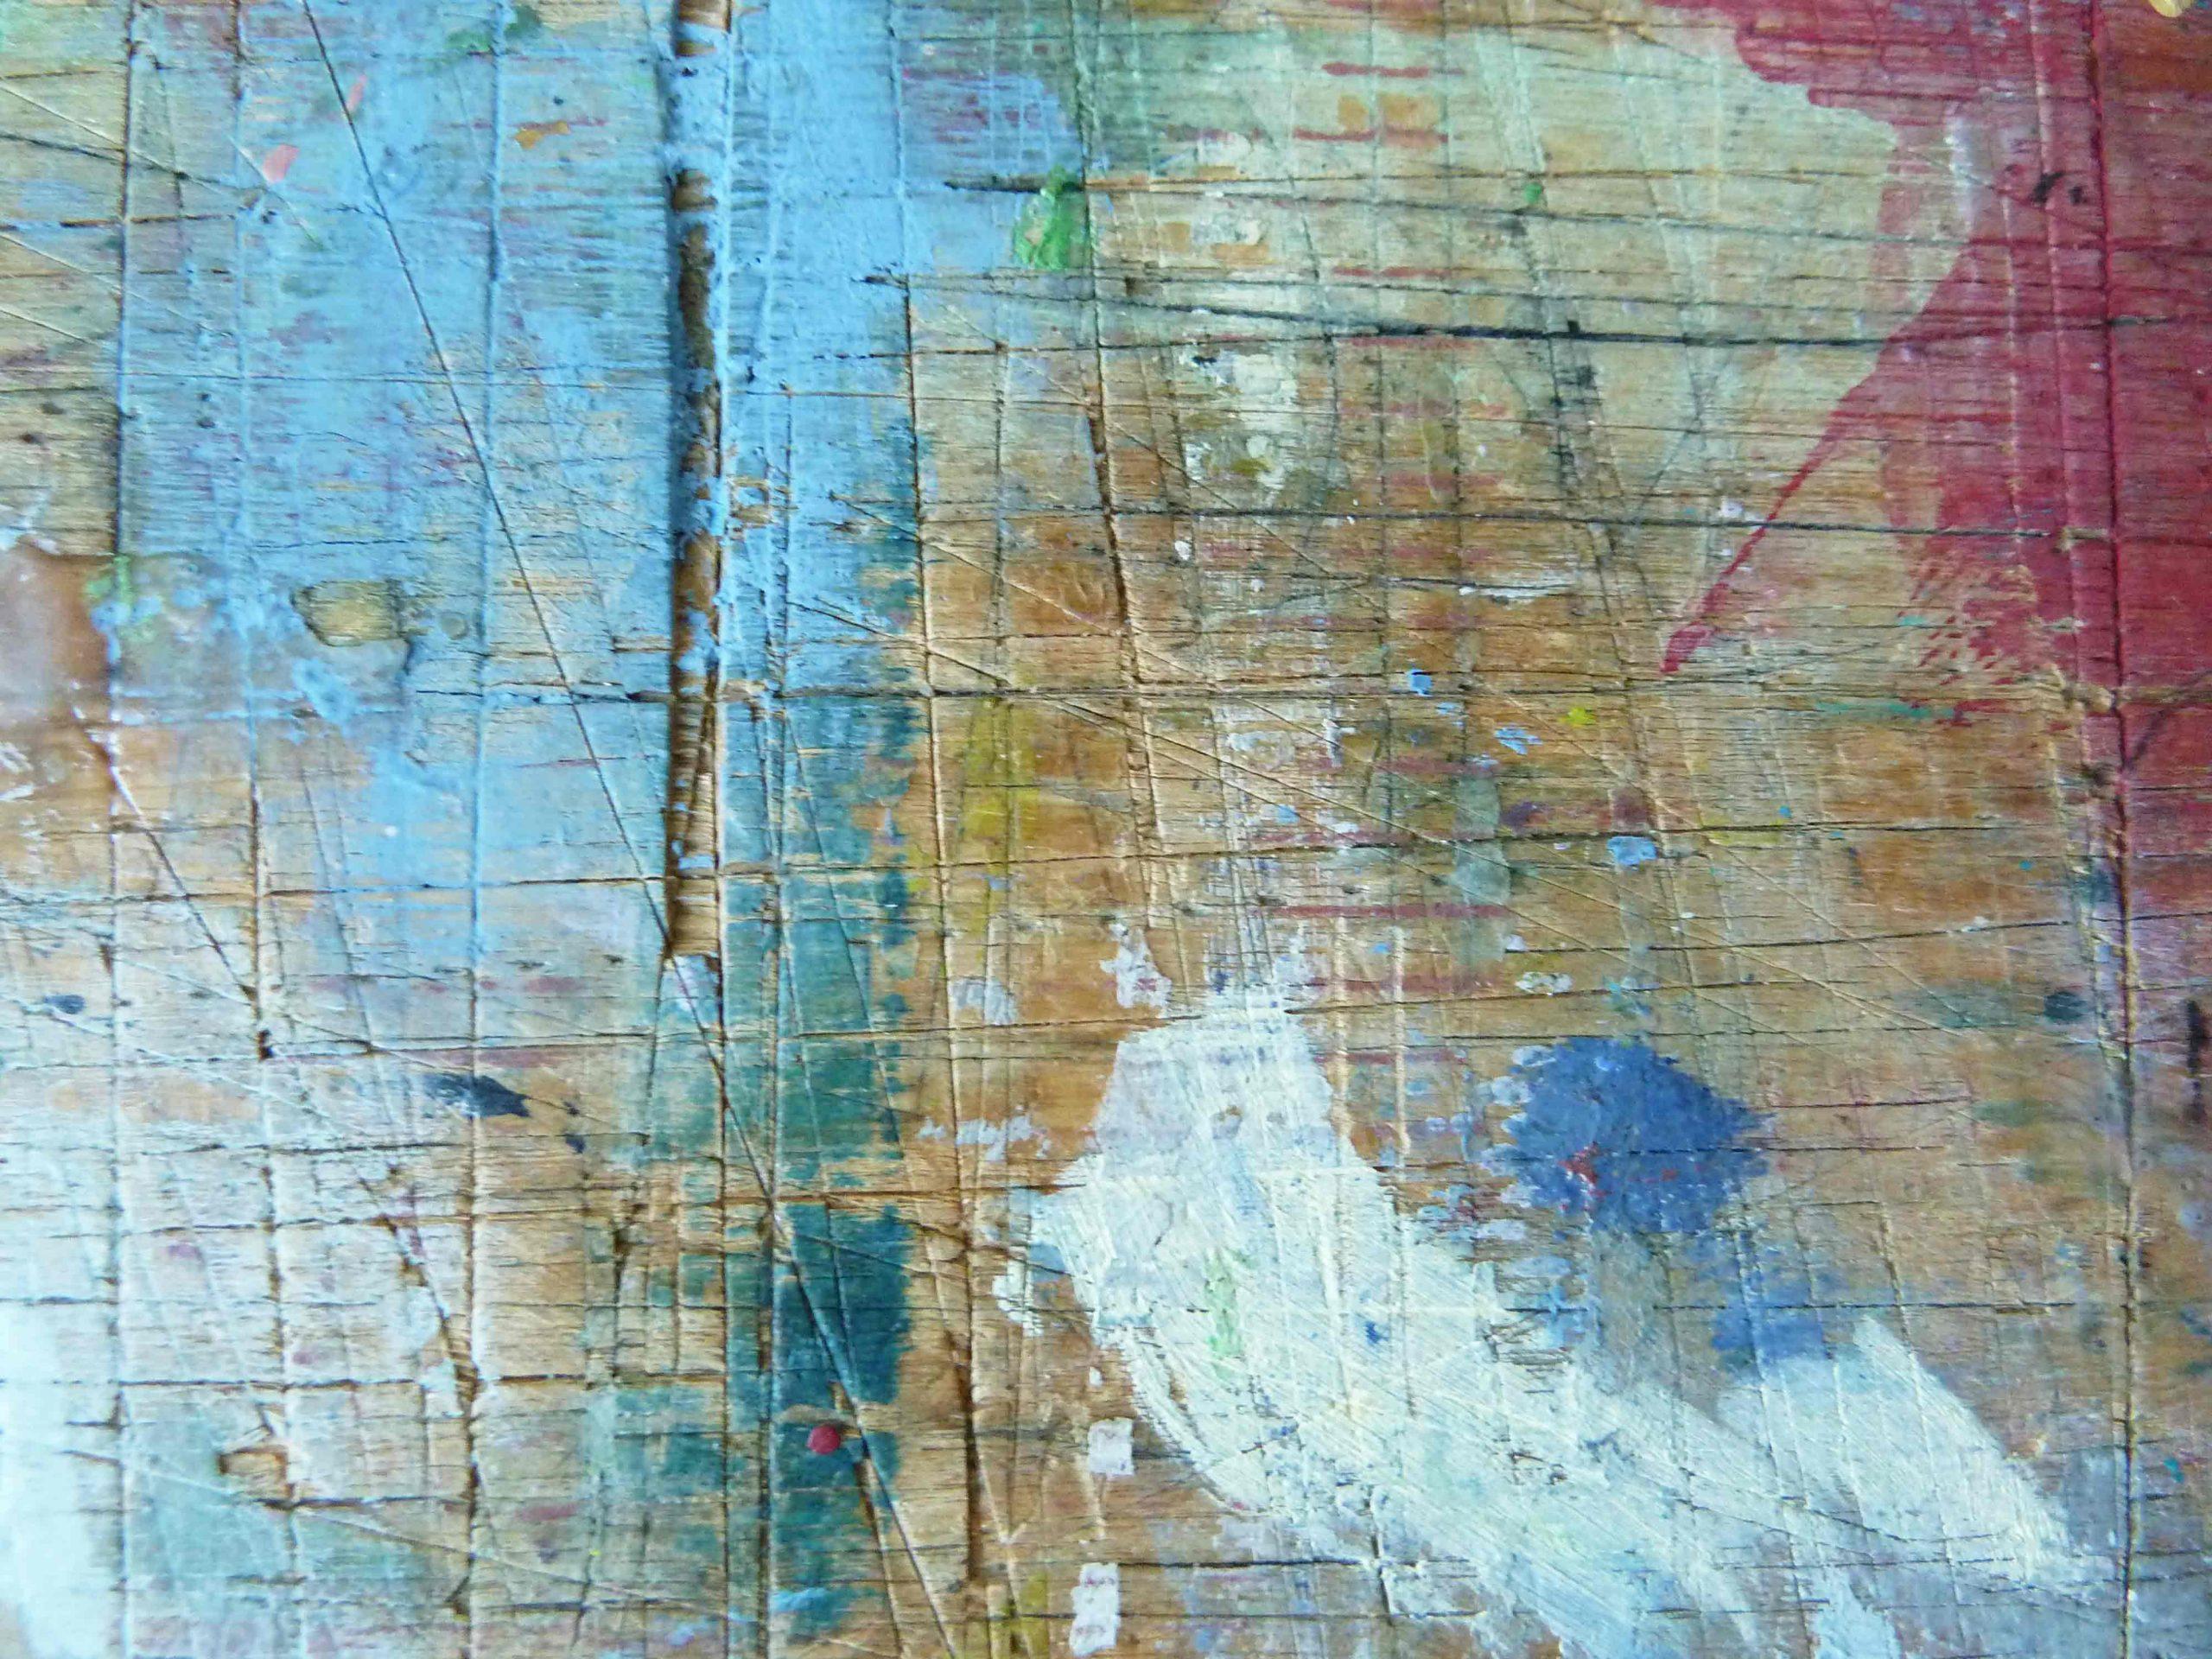 Arbeitstisch im Atelier mit Spuren von Farbe LInien und Flacke